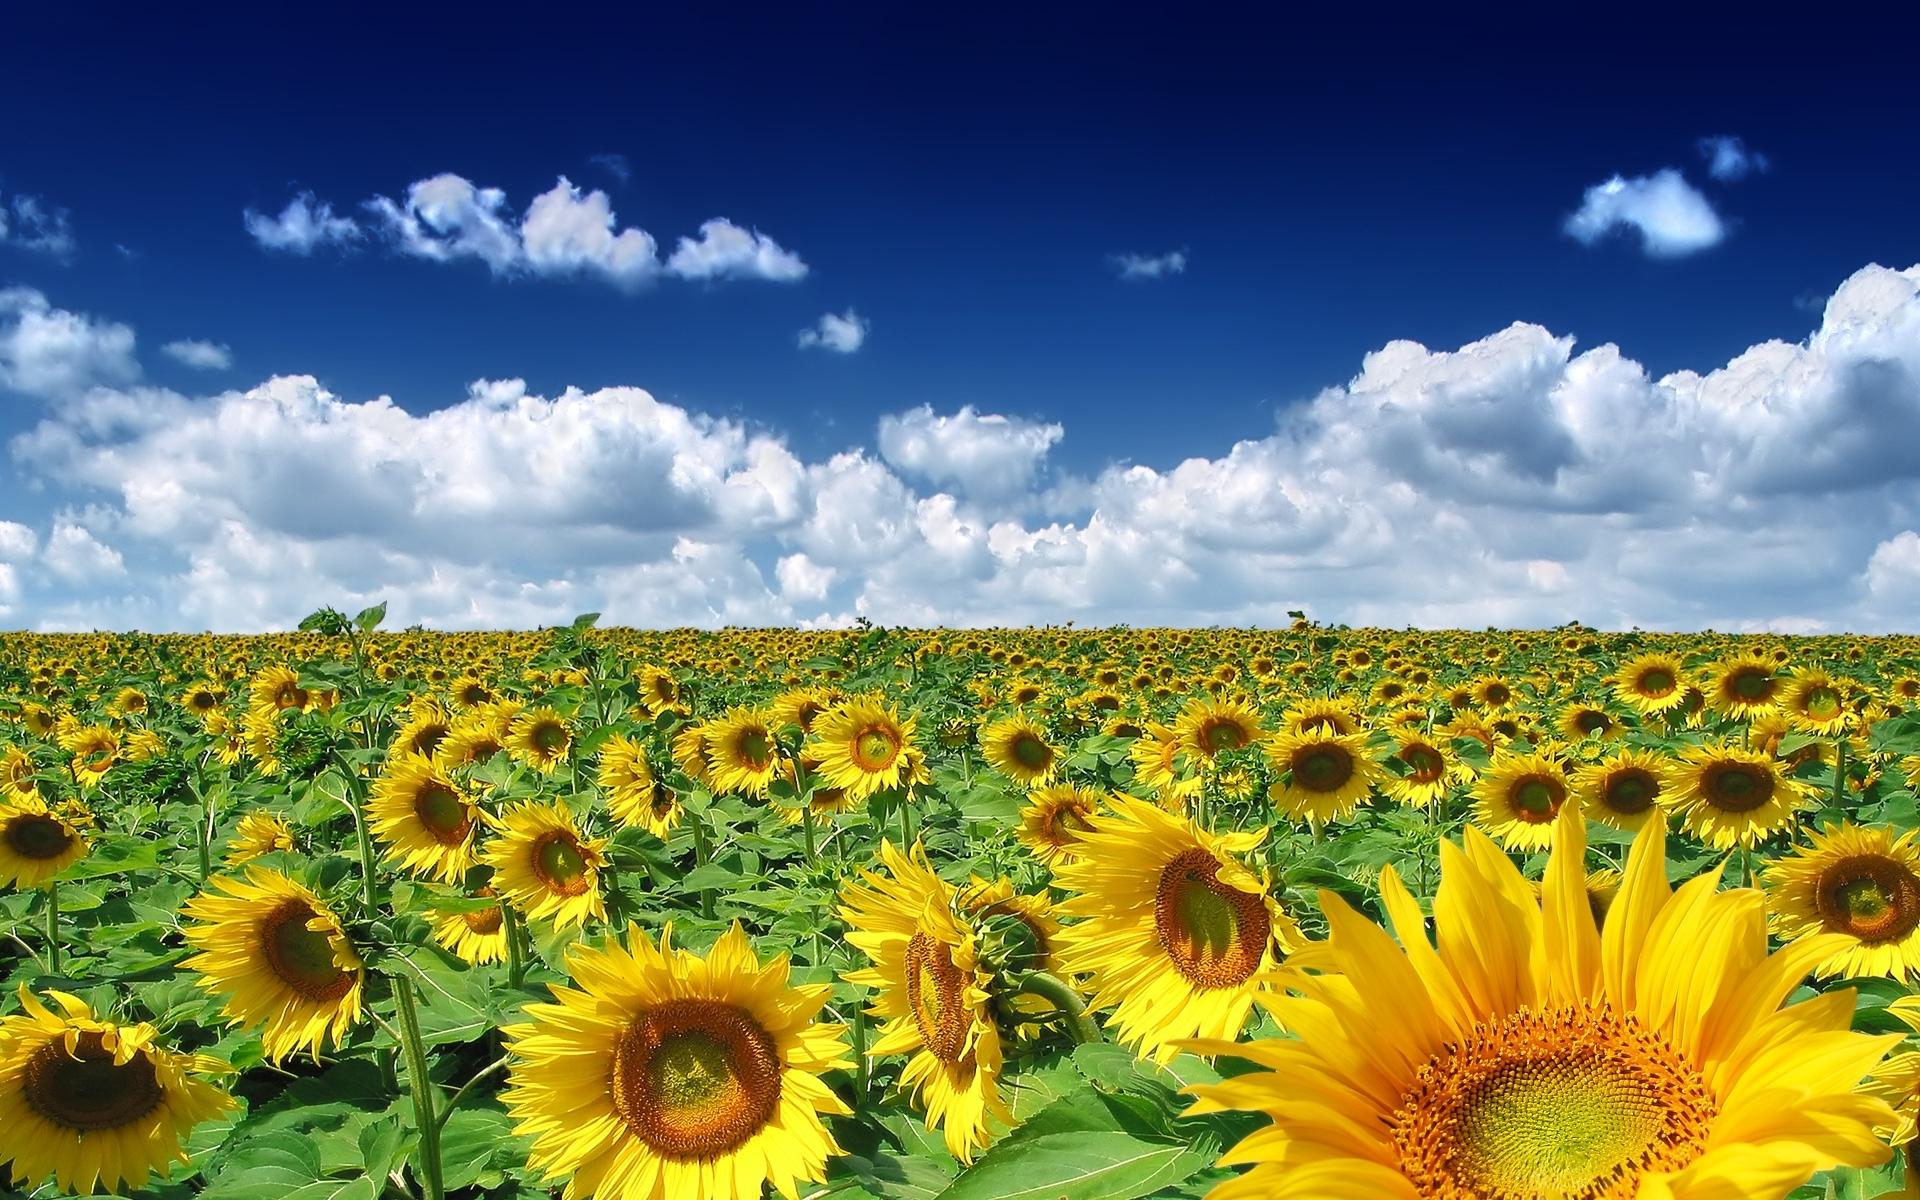 2515 Заставки и Обои Подсолнухи на телефон. Скачать Растения, Пейзаж, Подсолнухи, Небо картинки бесплатно